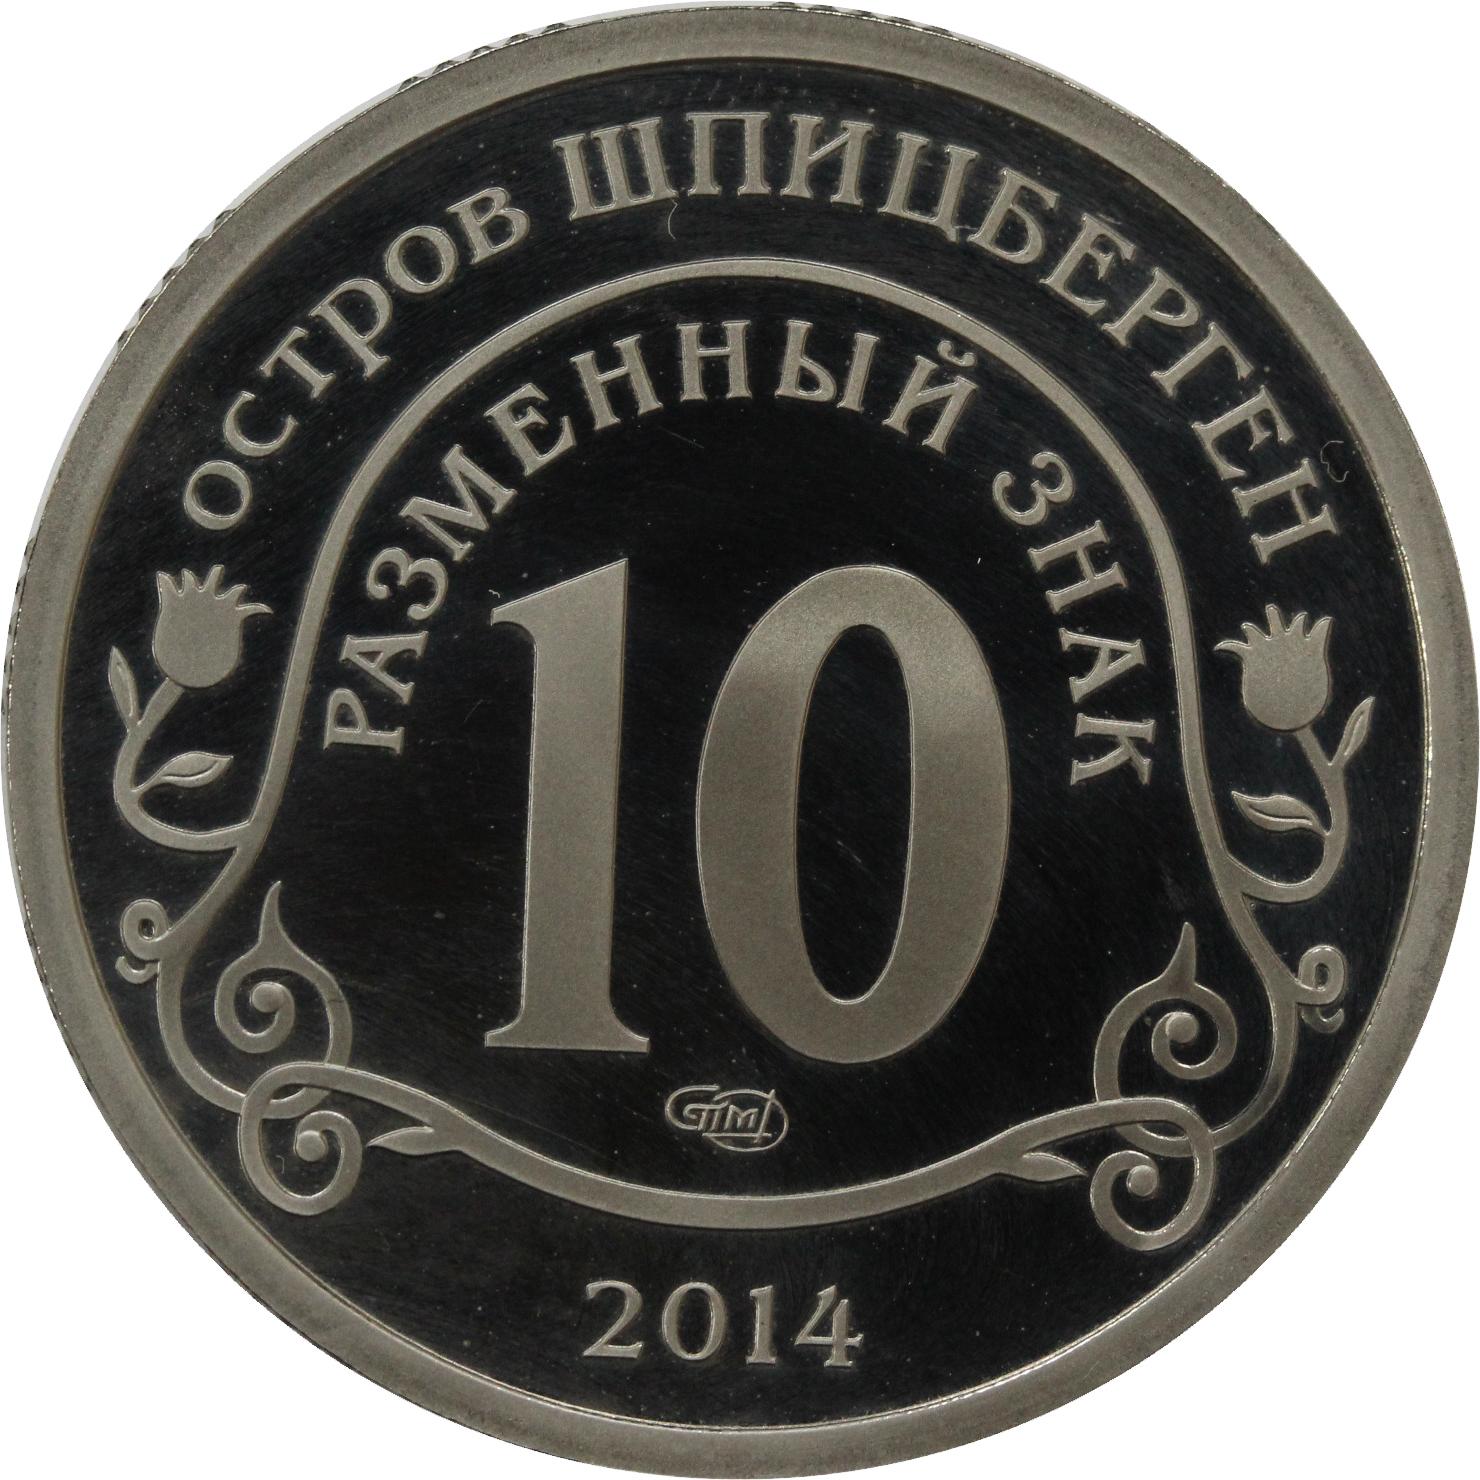 10 Разменный знак 2014. Остров Шпицберген.